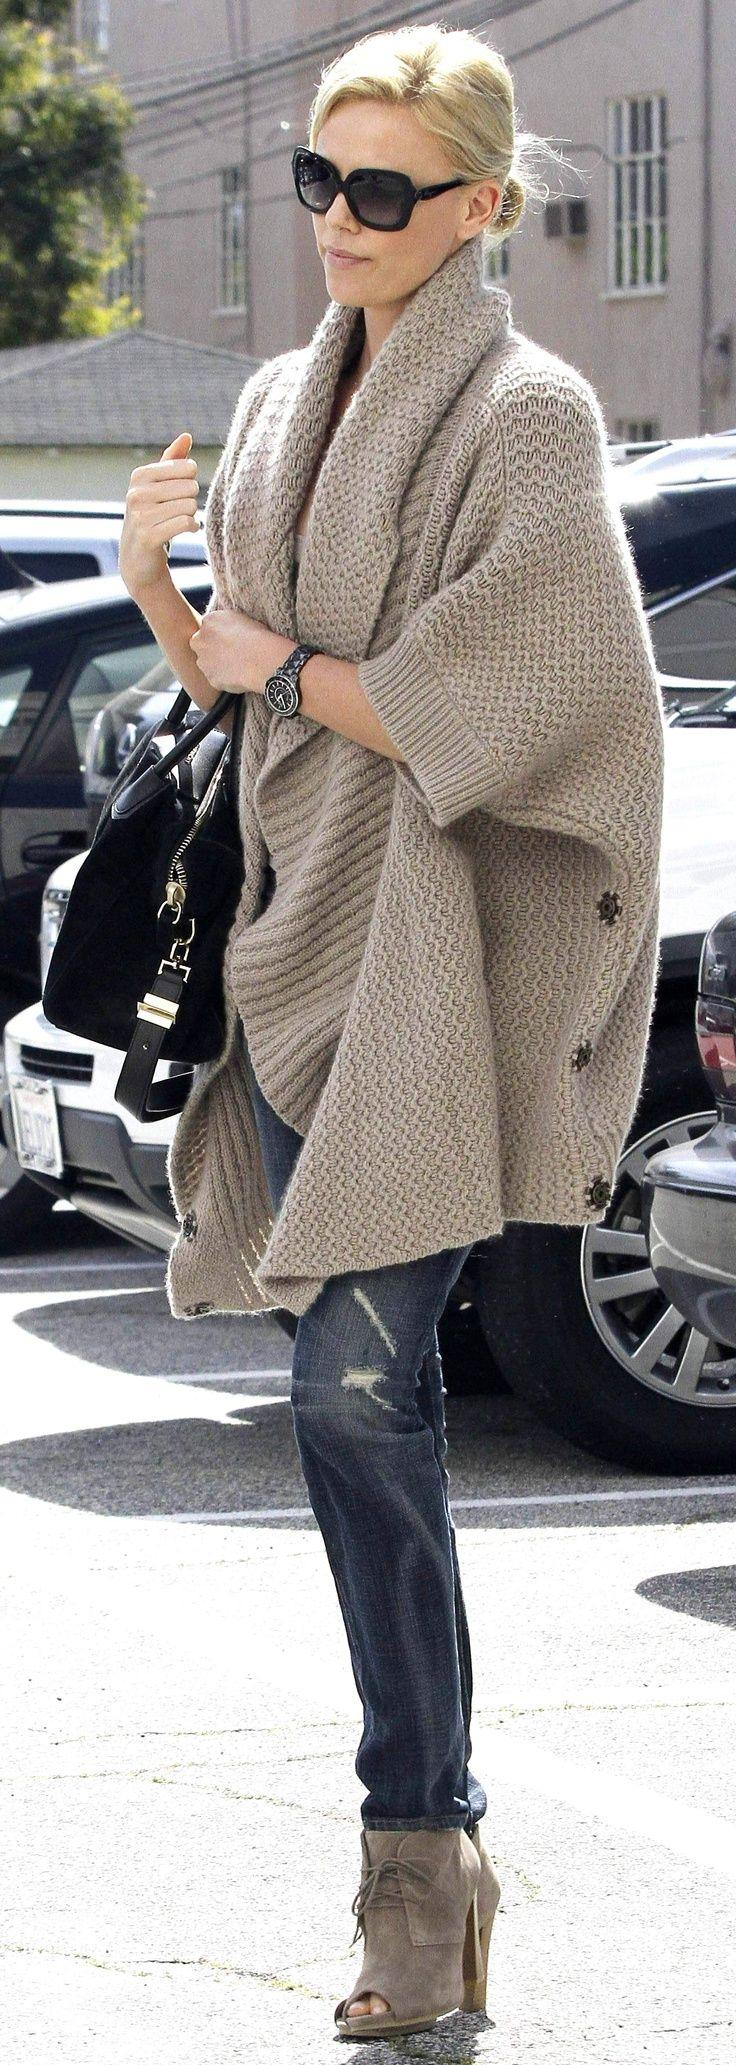 Le poncho est de plus en plus à la mode. En plus ou en manteau, beaucoup d'entre nous on succombé à sa simplicité et à sa praticité. Douzelooks géniaux